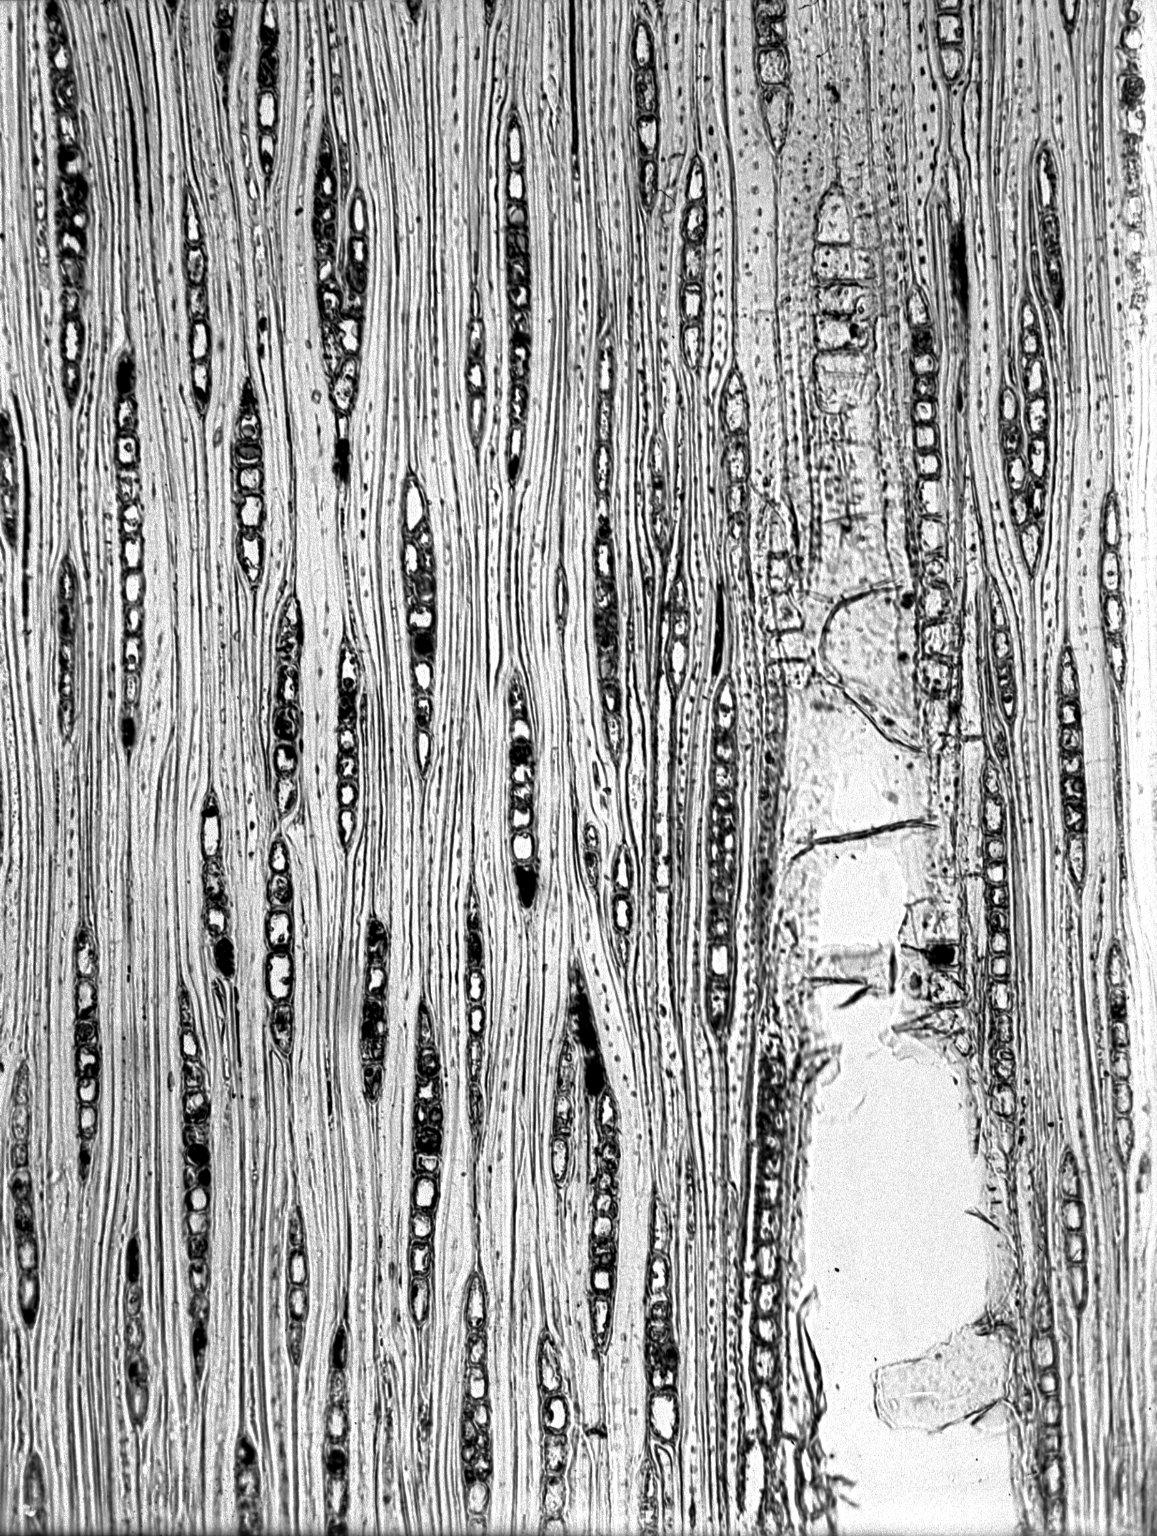 MYRTACEAE Eucalyptus microcorys